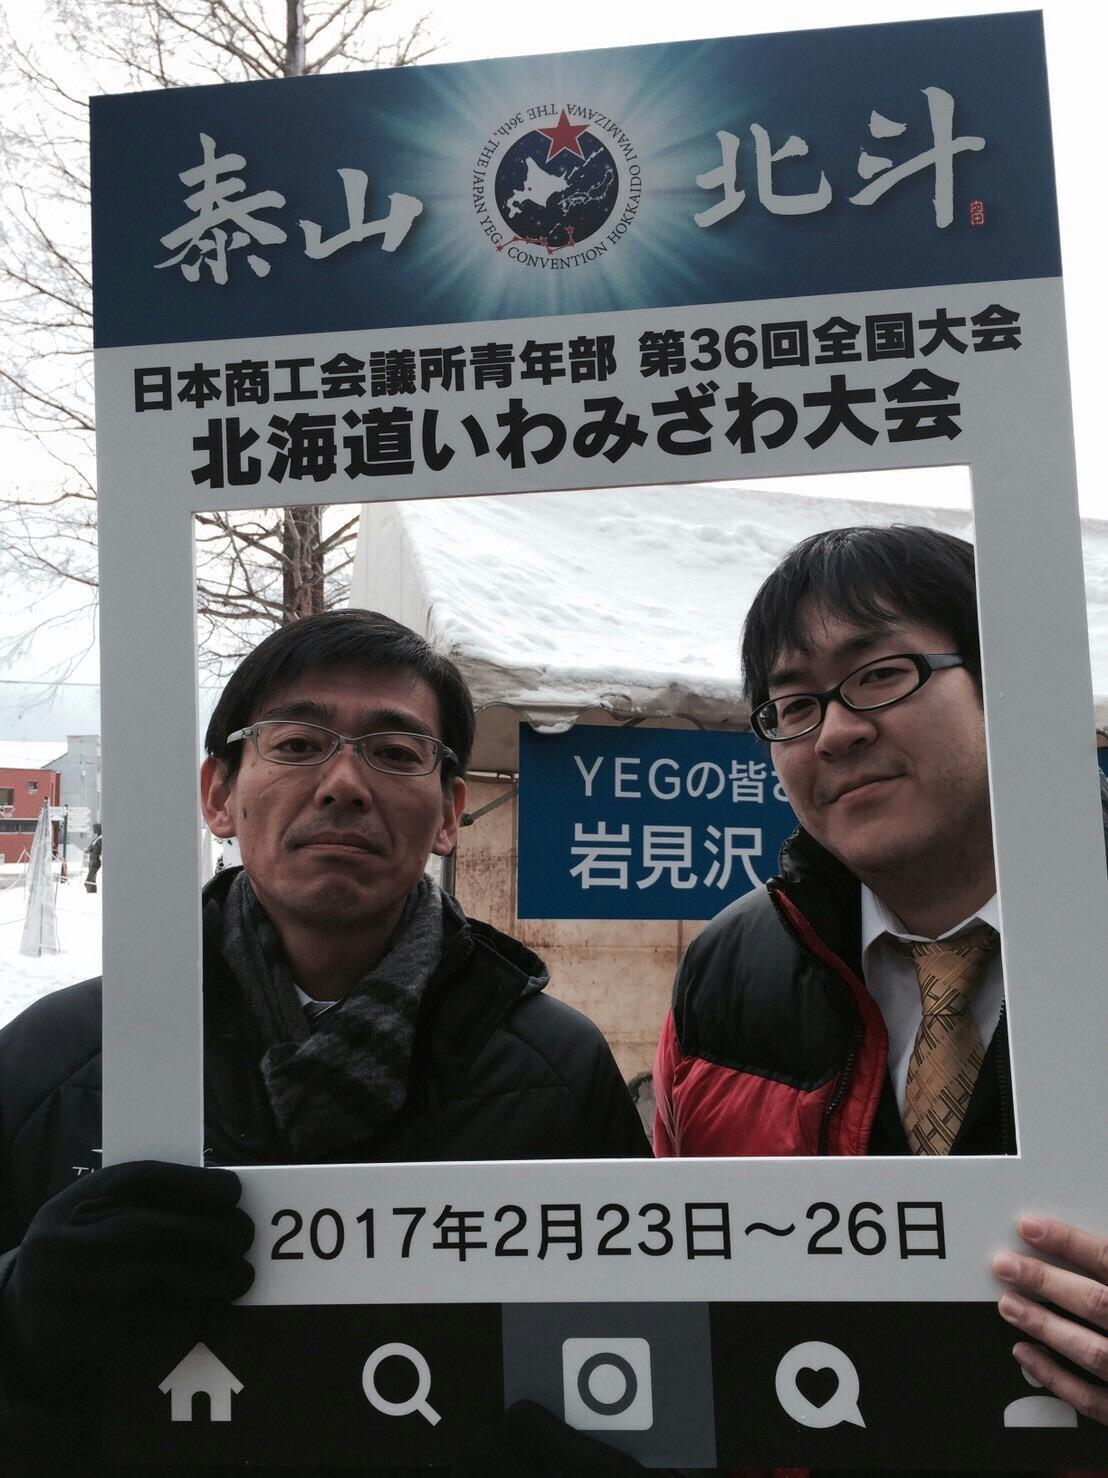 第36回全国大会 in 北海道いわみざわに参加しました